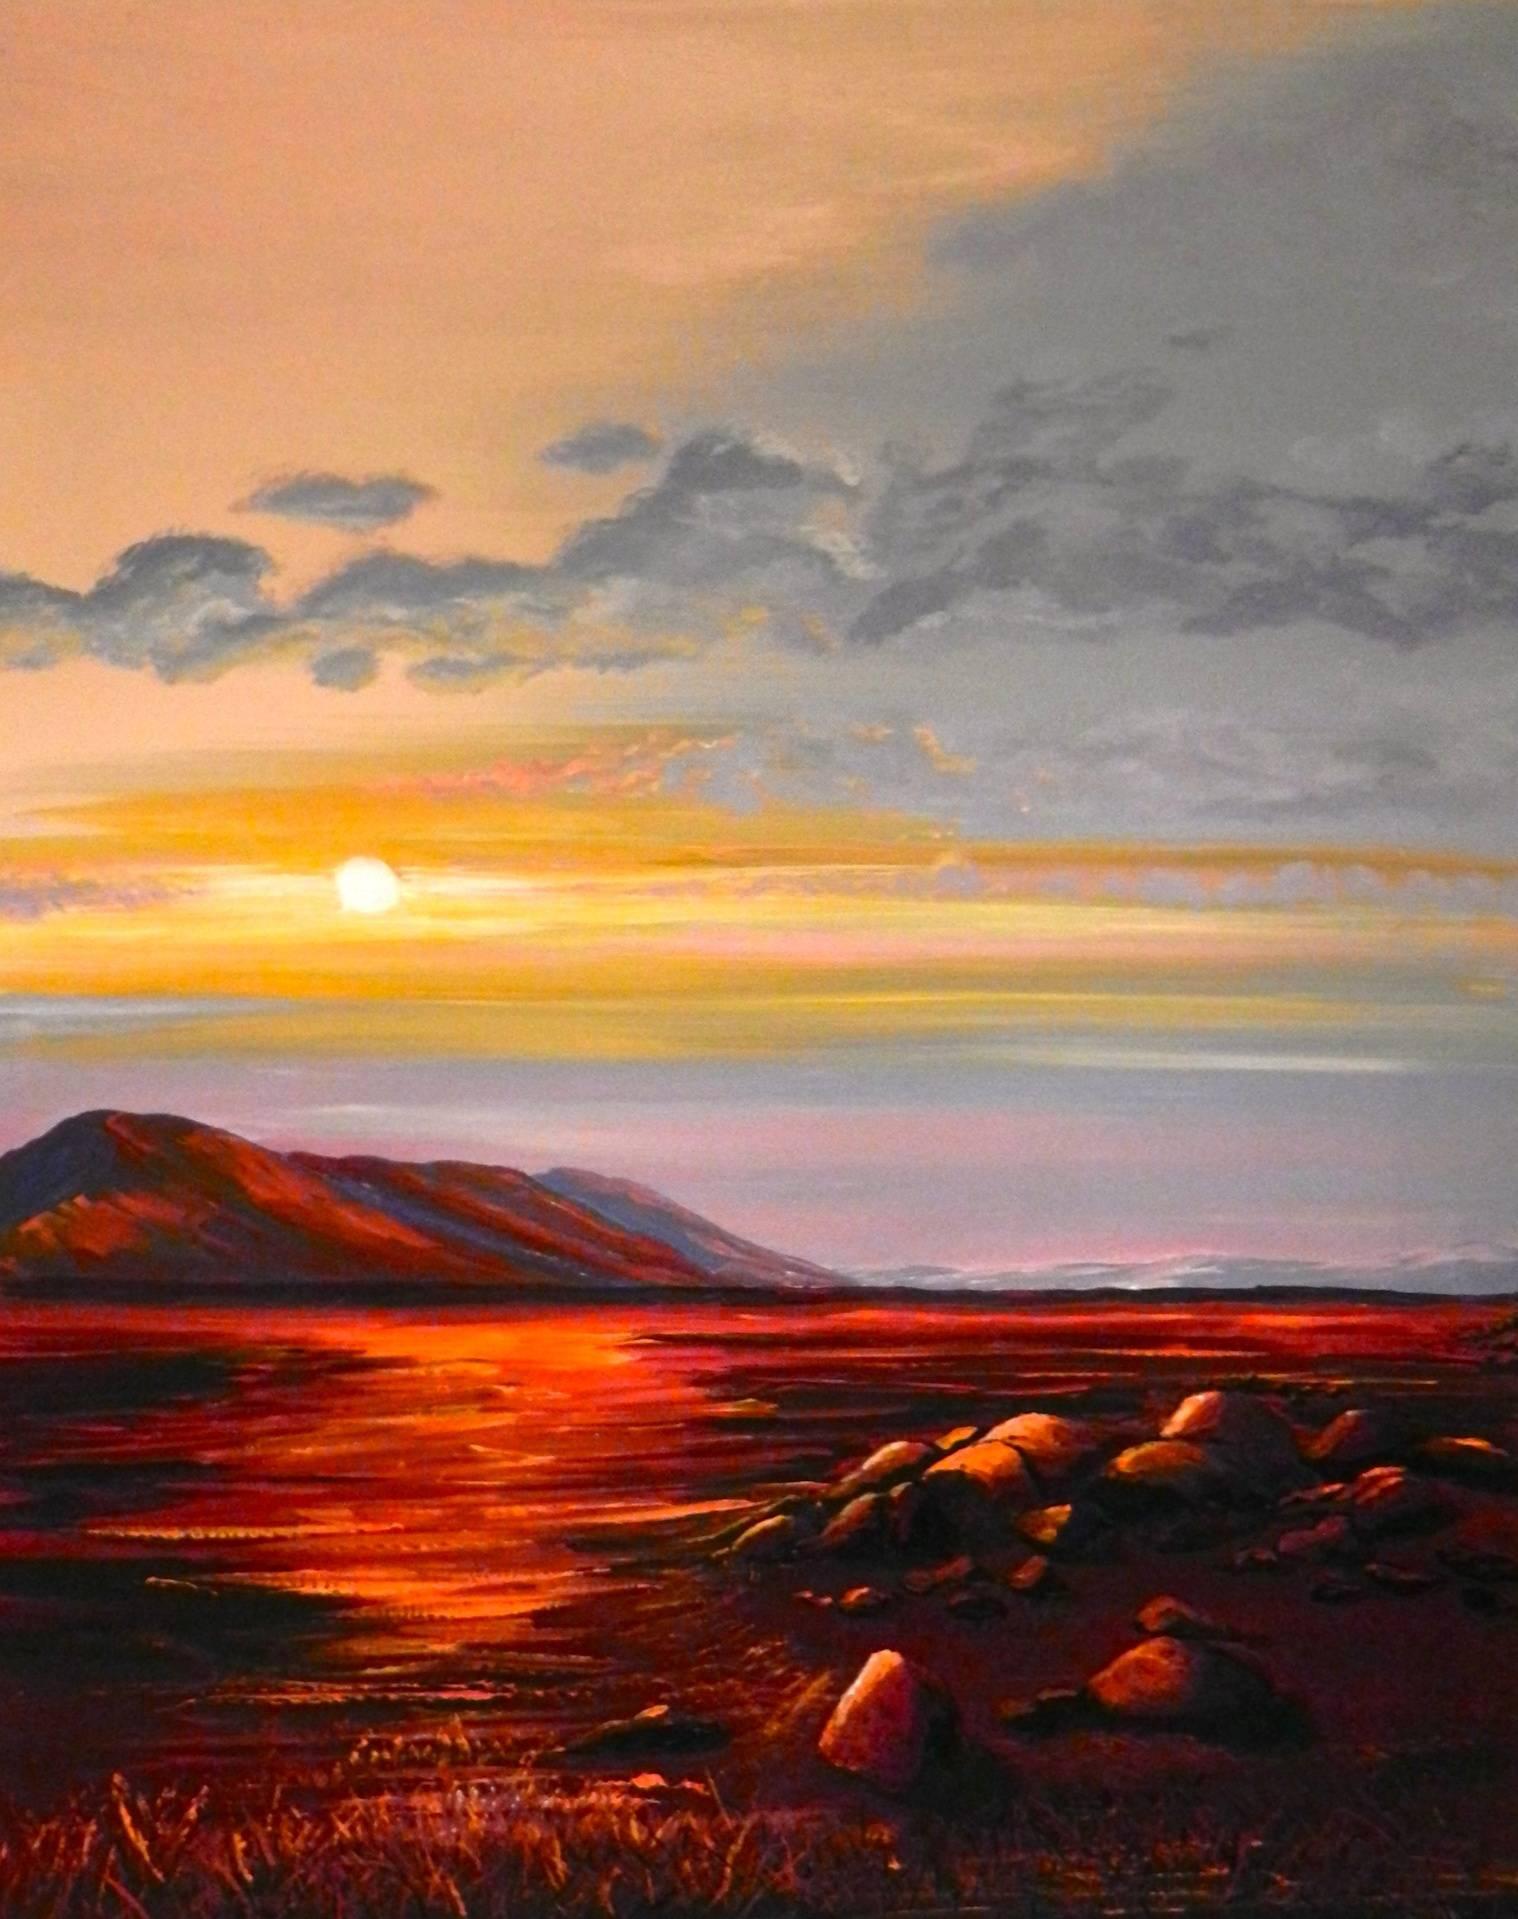 Sunset on the Monaro Plains